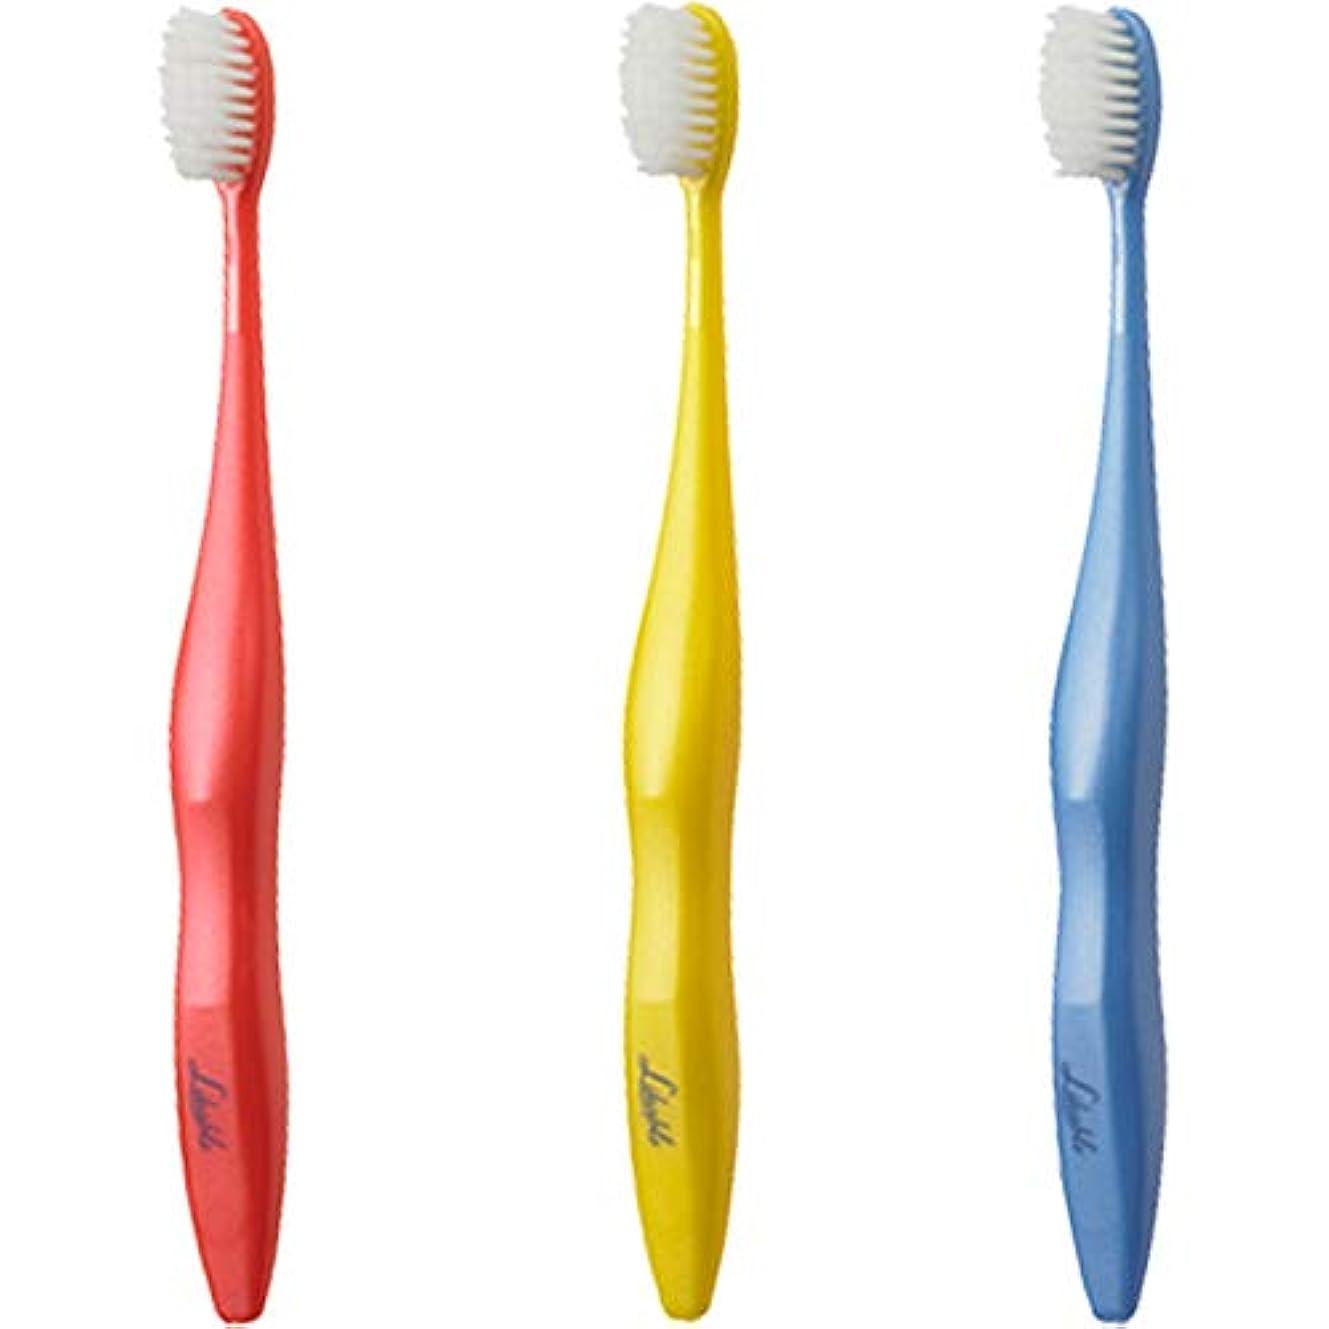 めまいが異常なストリップライカブル 歯ブラシ 12本入